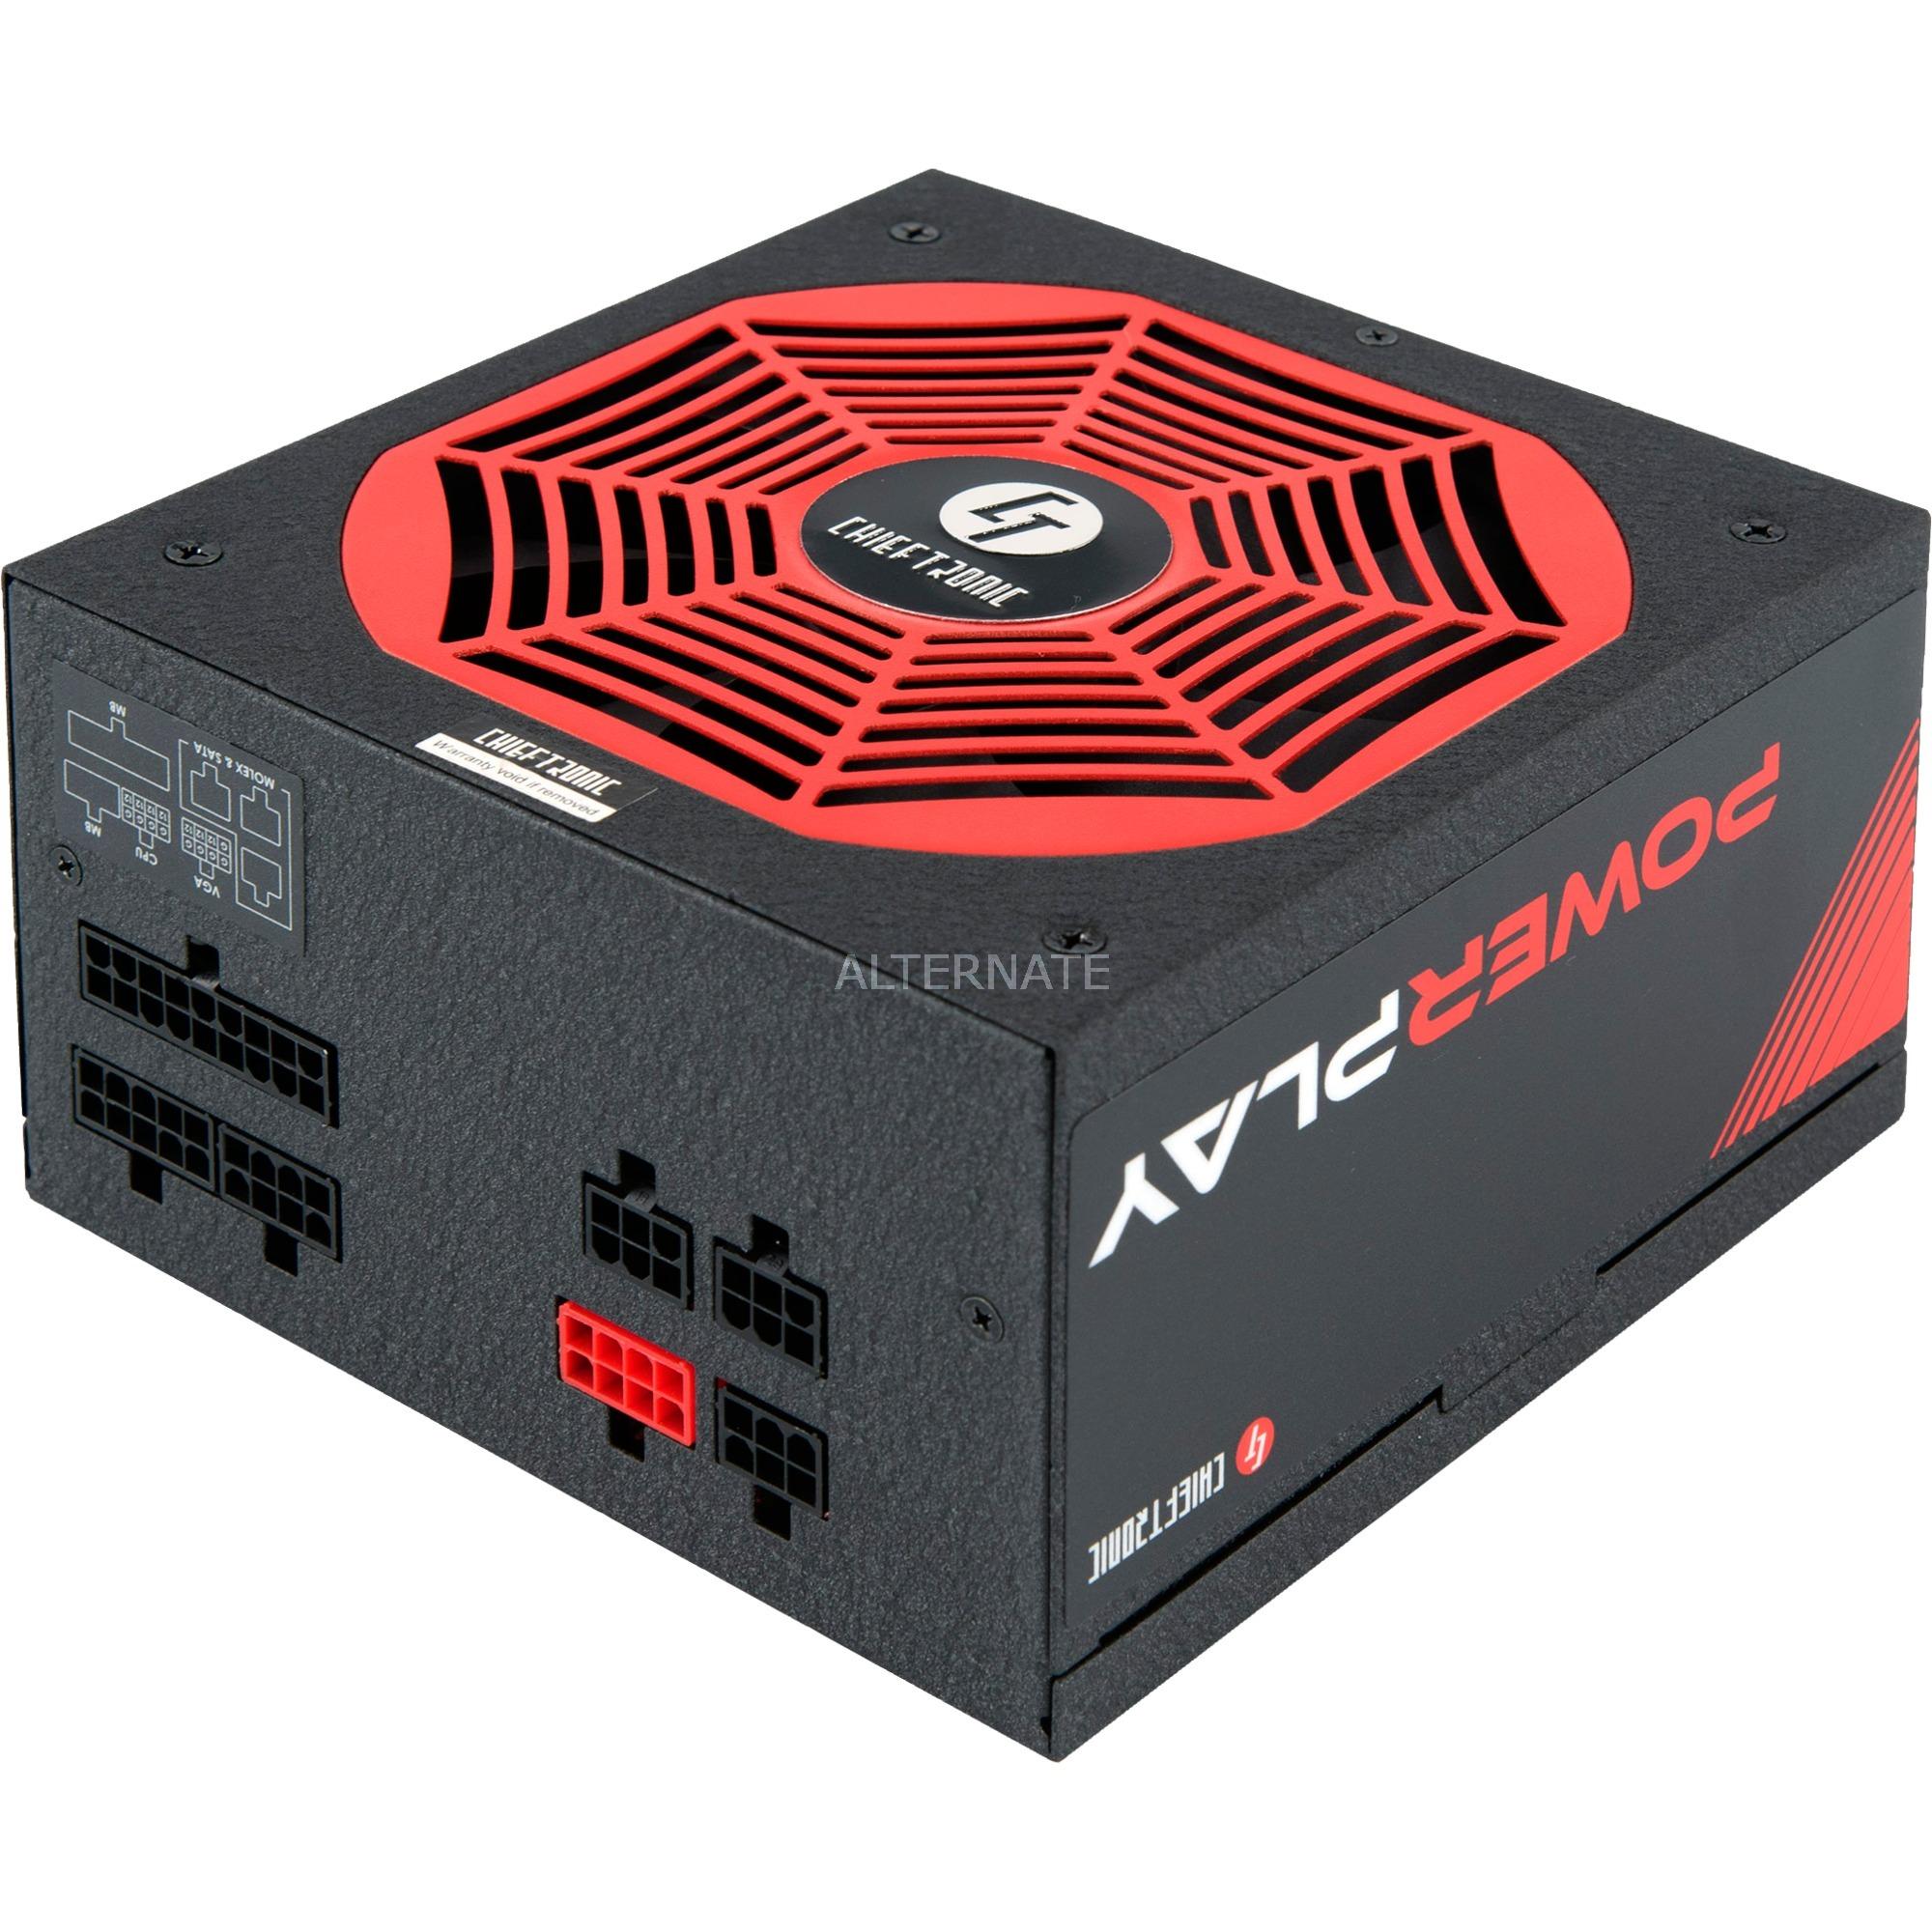 PowerPlay unidad de fuente de alimentación 750 W PS/2 Negro, Rojo, Fuente de alimentación de PC